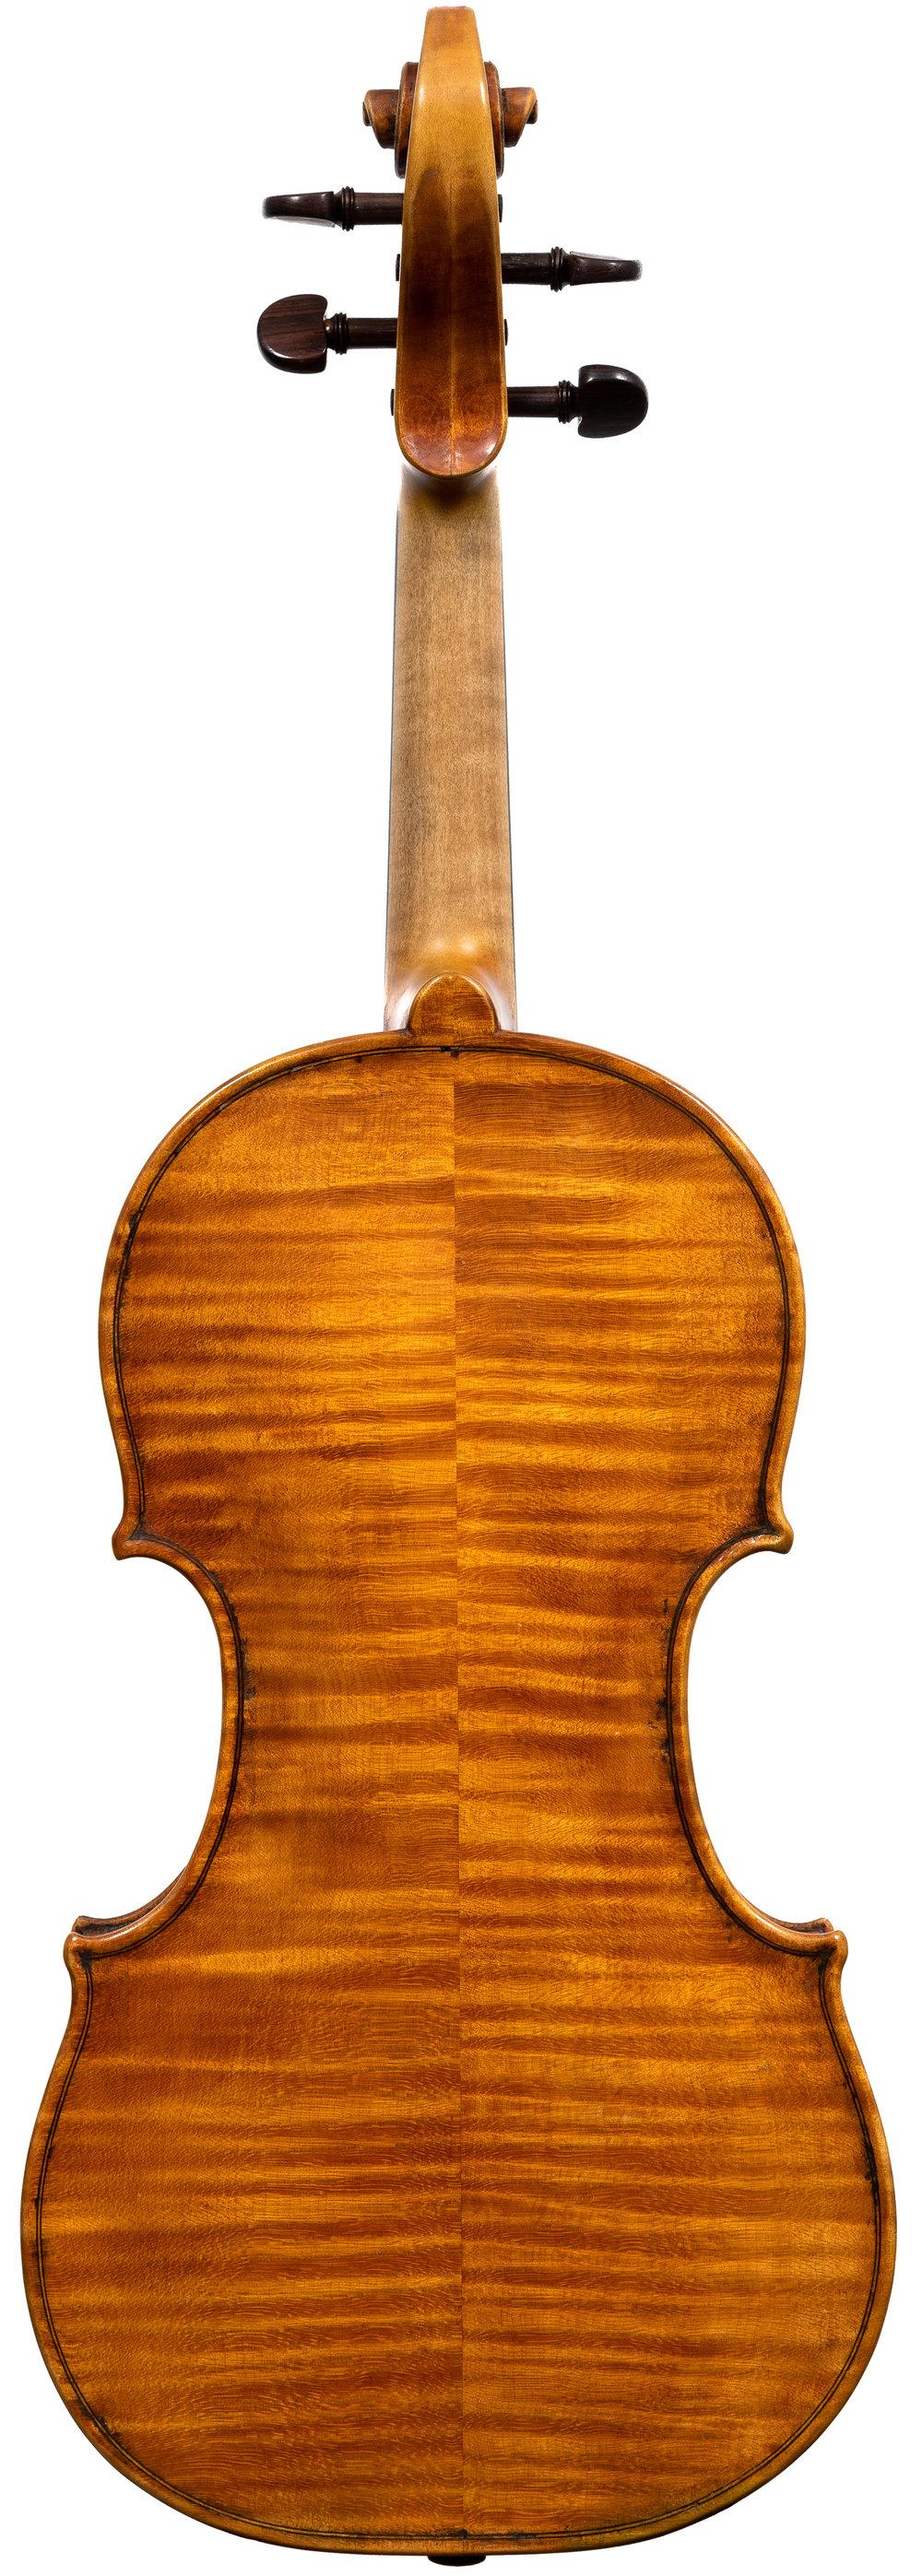 Nathaniel Rowan Violin, Troy, 2014